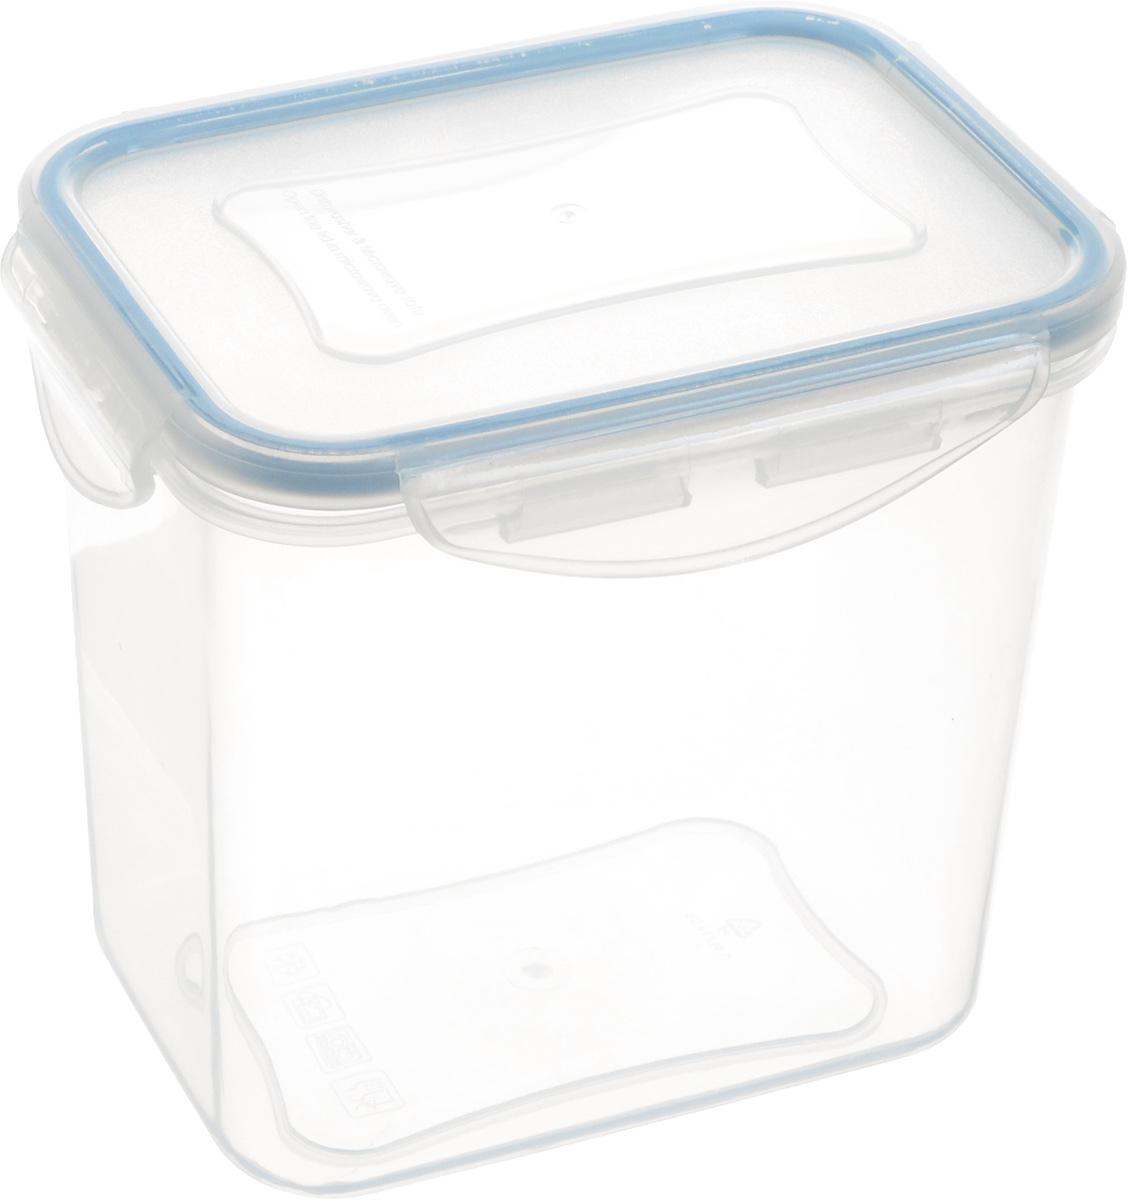 Контейнер Tescoma Freshbox, прямоугольный, 0,9л892074Контейнер Tescoma Freshbox изготовлен из высококачественного пластика. Изделие идеально подходит не только для хранения, но и для транспортировки пищи. Контейнер имеет крышку, которая плотно закрывается на 4 защелки и оснащена специальной силиконовой прослойкой, предотвращающей проникновение влаги и запахов. Изделие подходит для домашнего использования, для пикников, поездок, отдыха на природе, его можно взять с собой на работу или учебу. Можно использовать в СВЧ-печах, холодильниках и морозильных камерах. Можно мыть в посудомоечной машине.Размер контейнера (без учета крышки): 12,5 х 9 см. Высота контейнера (без учета крышки): 12 см.